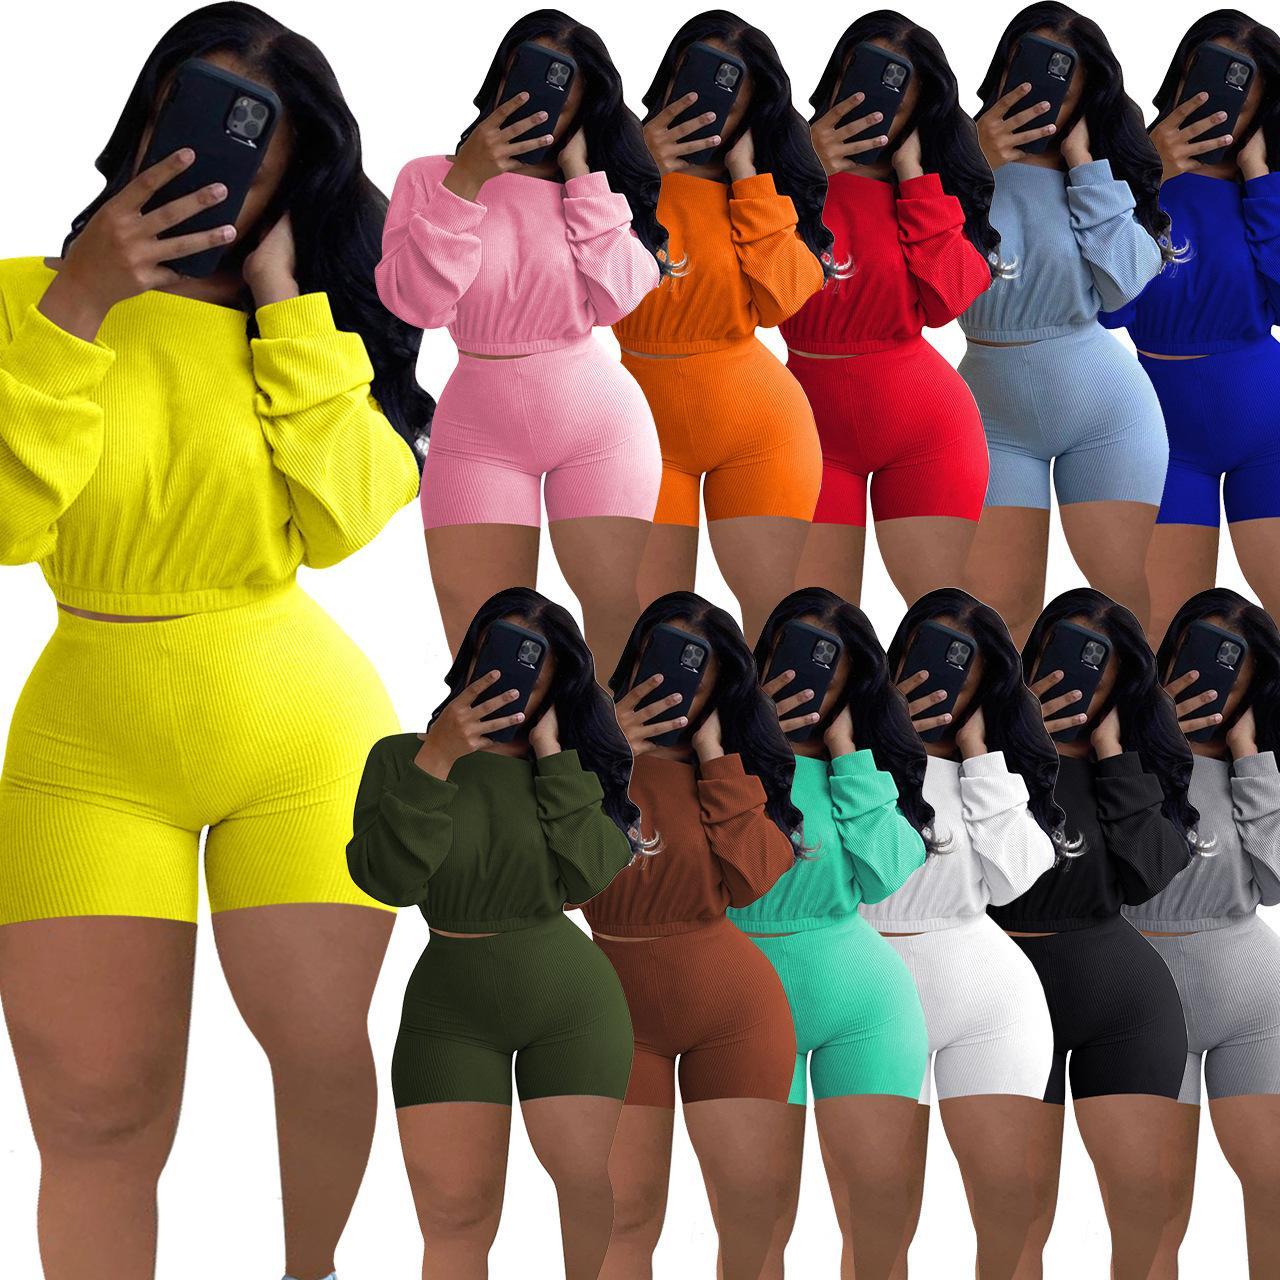 Женщины Scestsuits Двухструктурные наряды дизайнеры Одежда 2021 Рукав летучей мышкой Топ плиссированные брюки Дамы Новые Модные Шорты Брюки Установить беговые костюмы